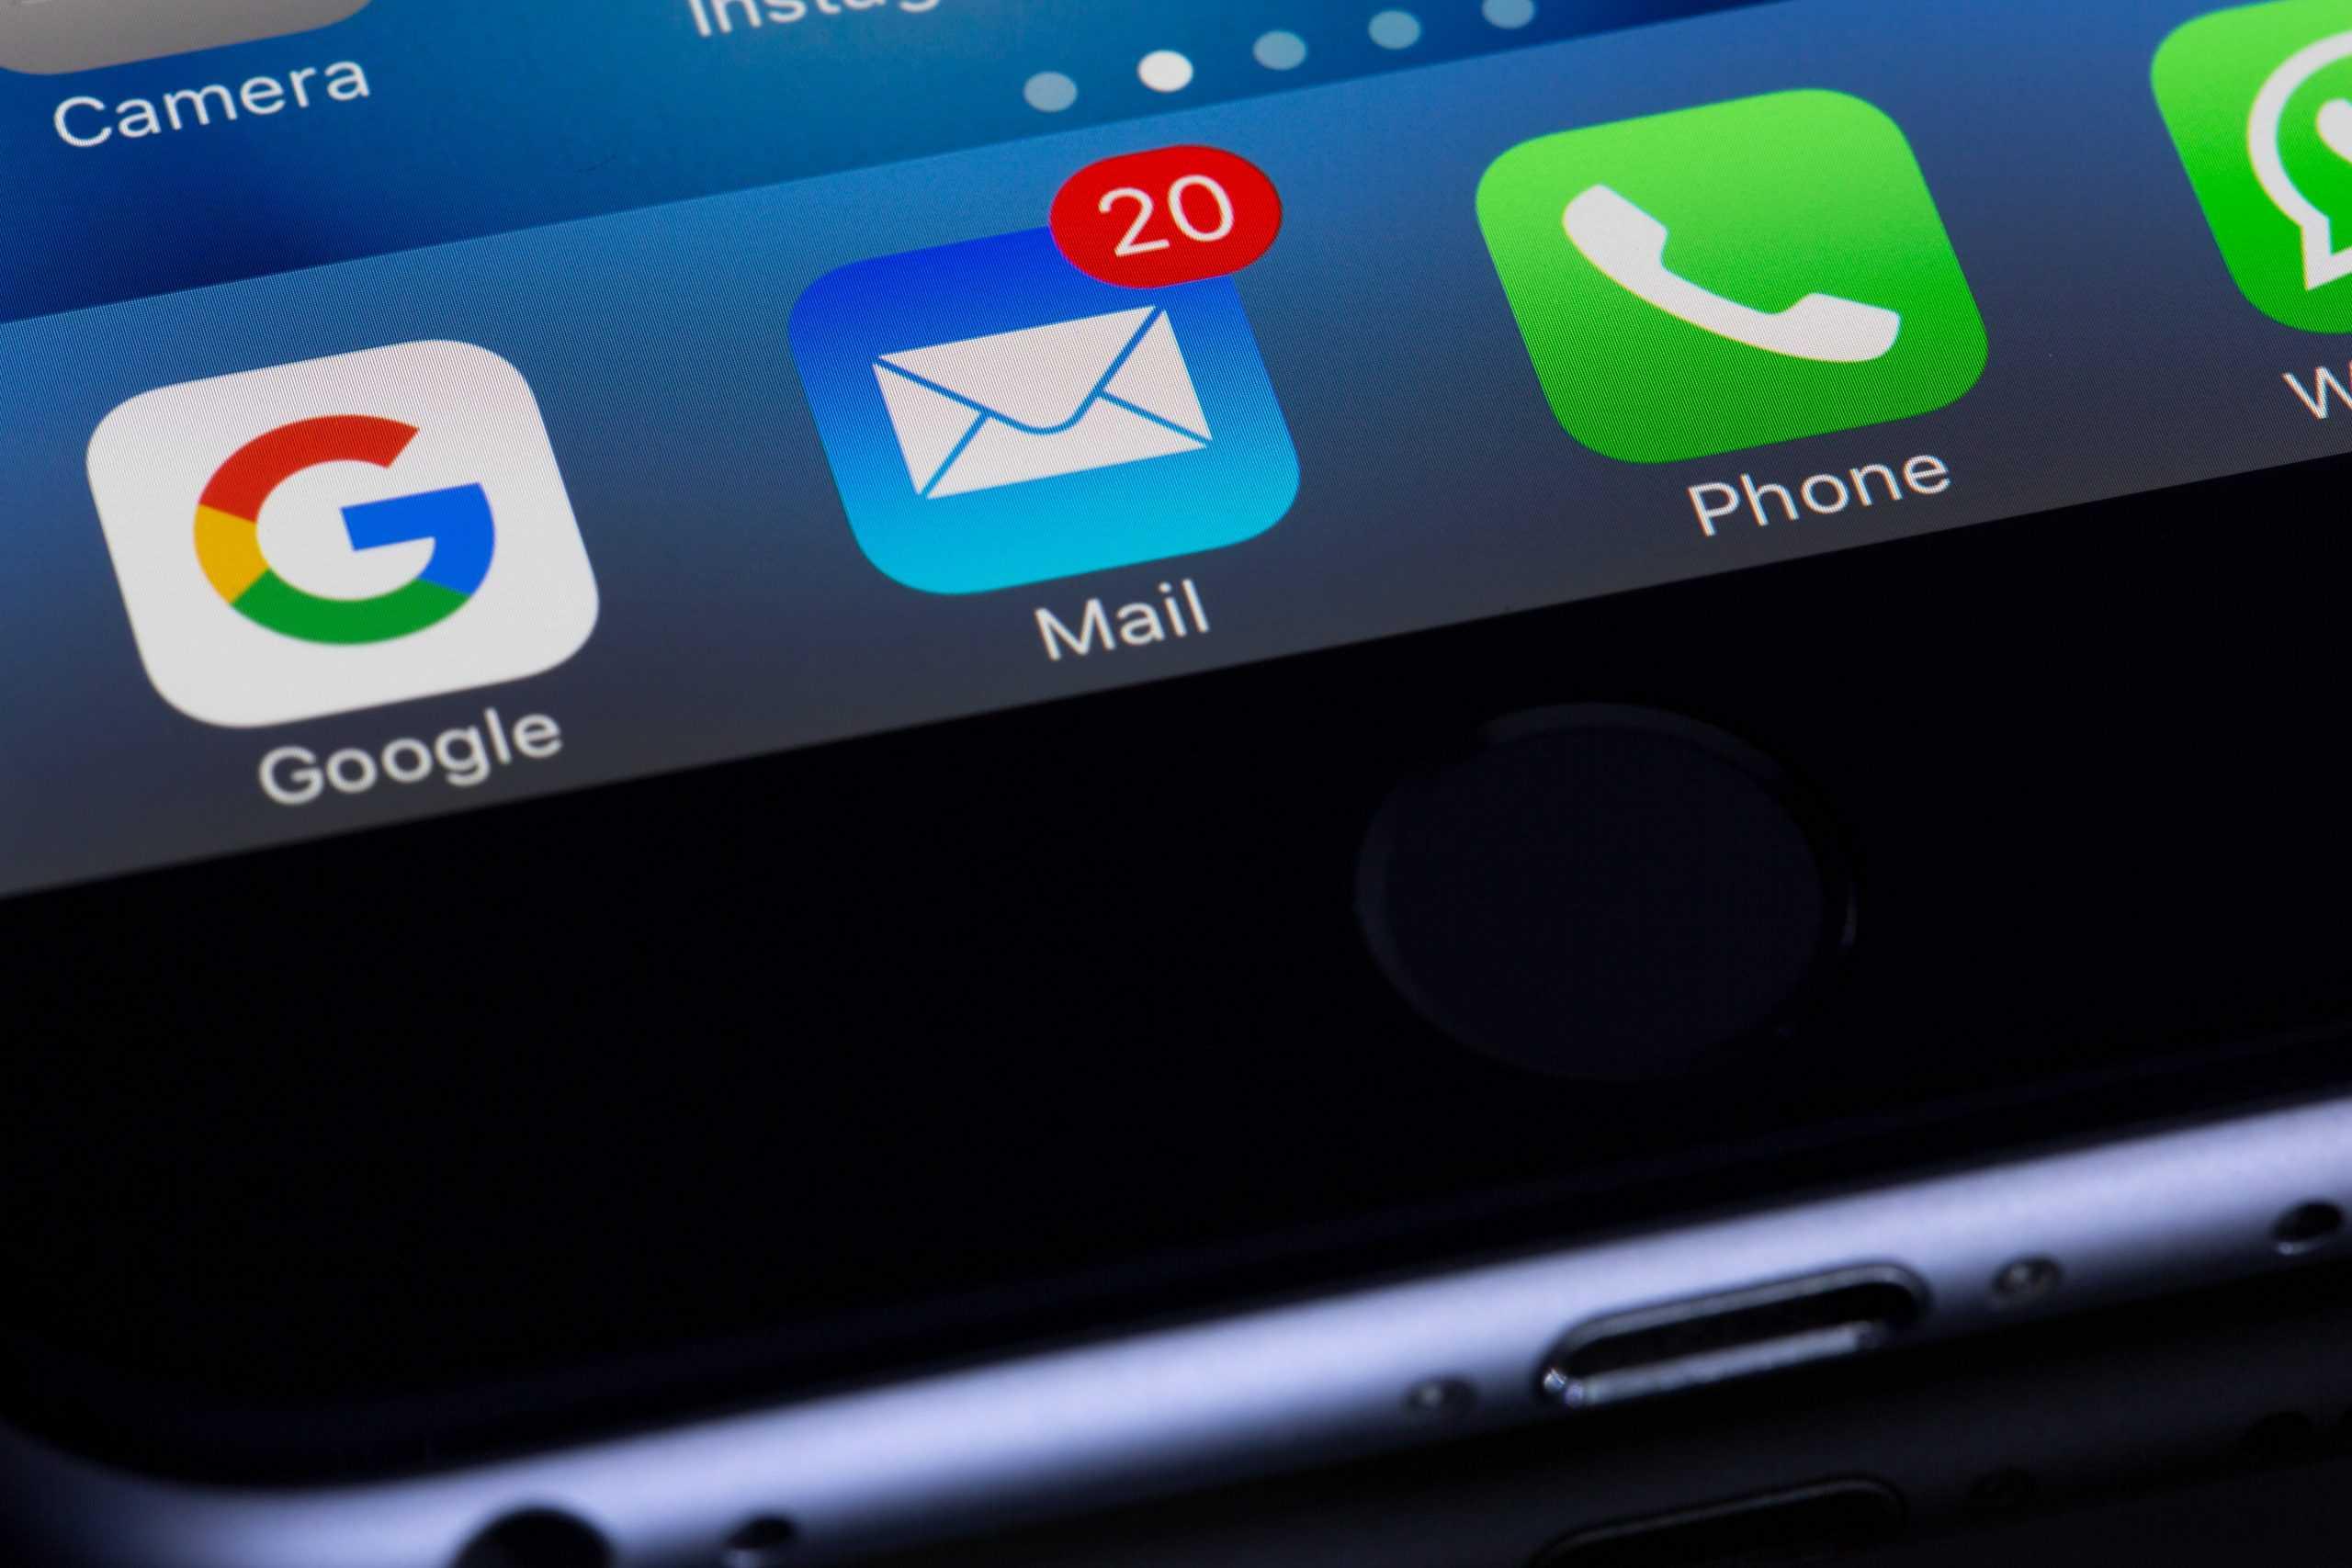 ईमेल मार्केटिंग - डिजिटल आज़ादी